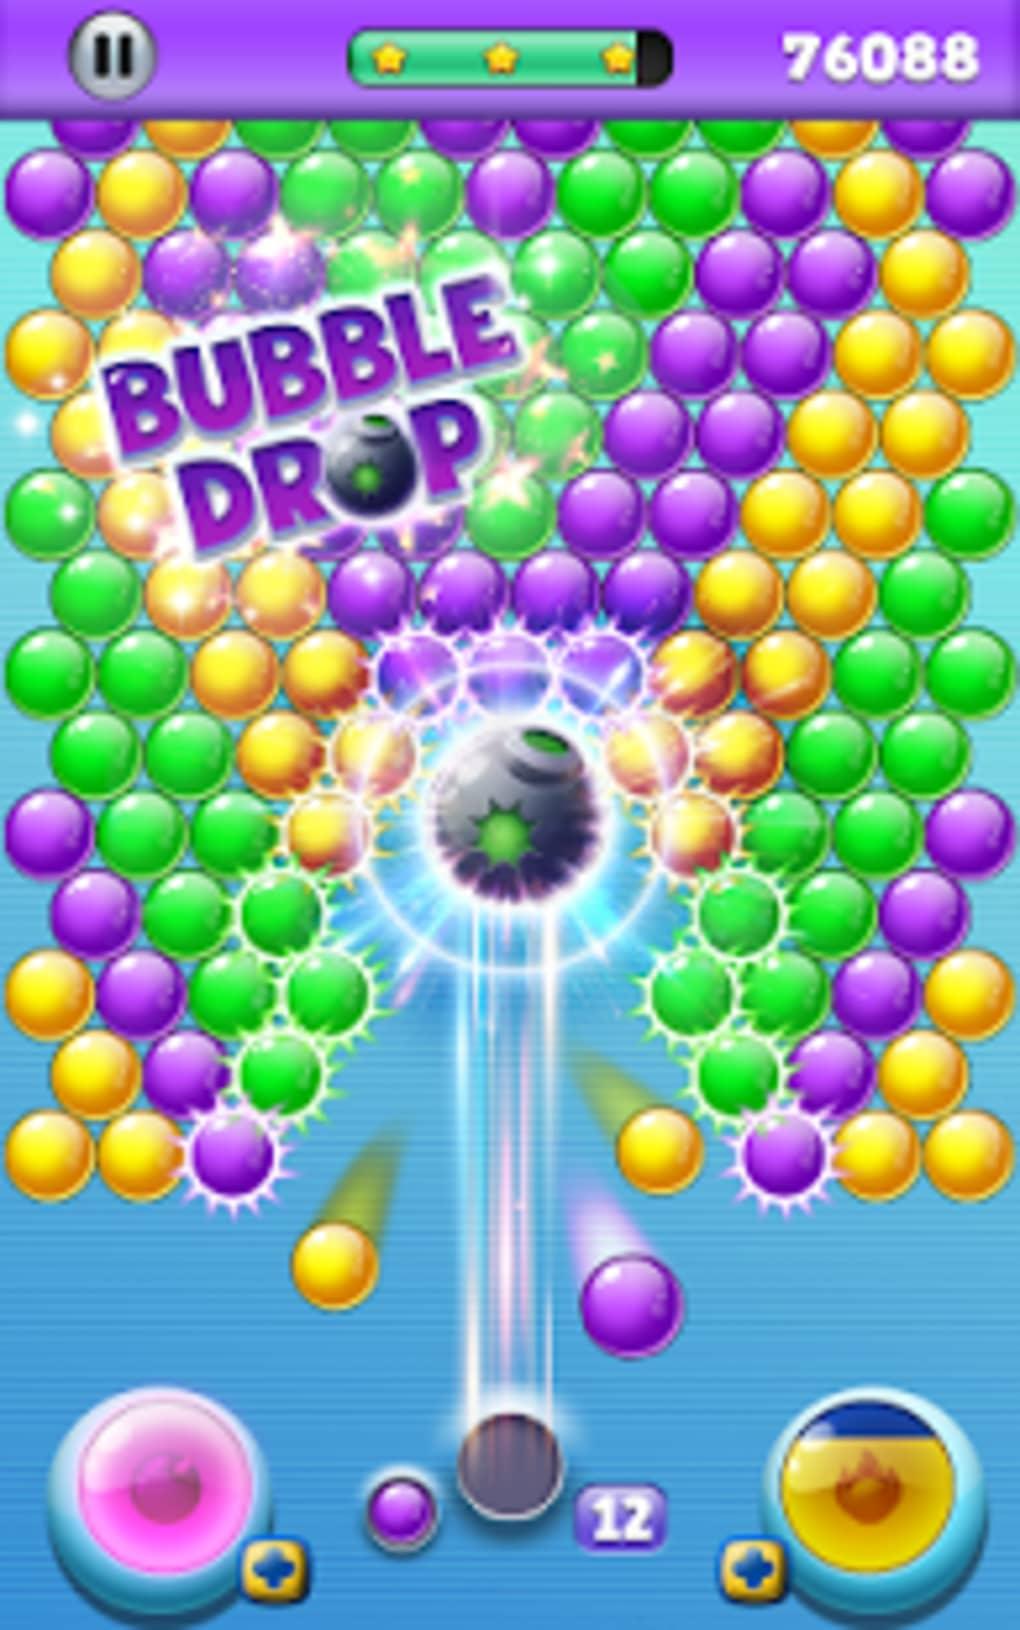 Offline Bubbles Apk Pour Android - Télécharger pour Jeux De Bulles Gratuit